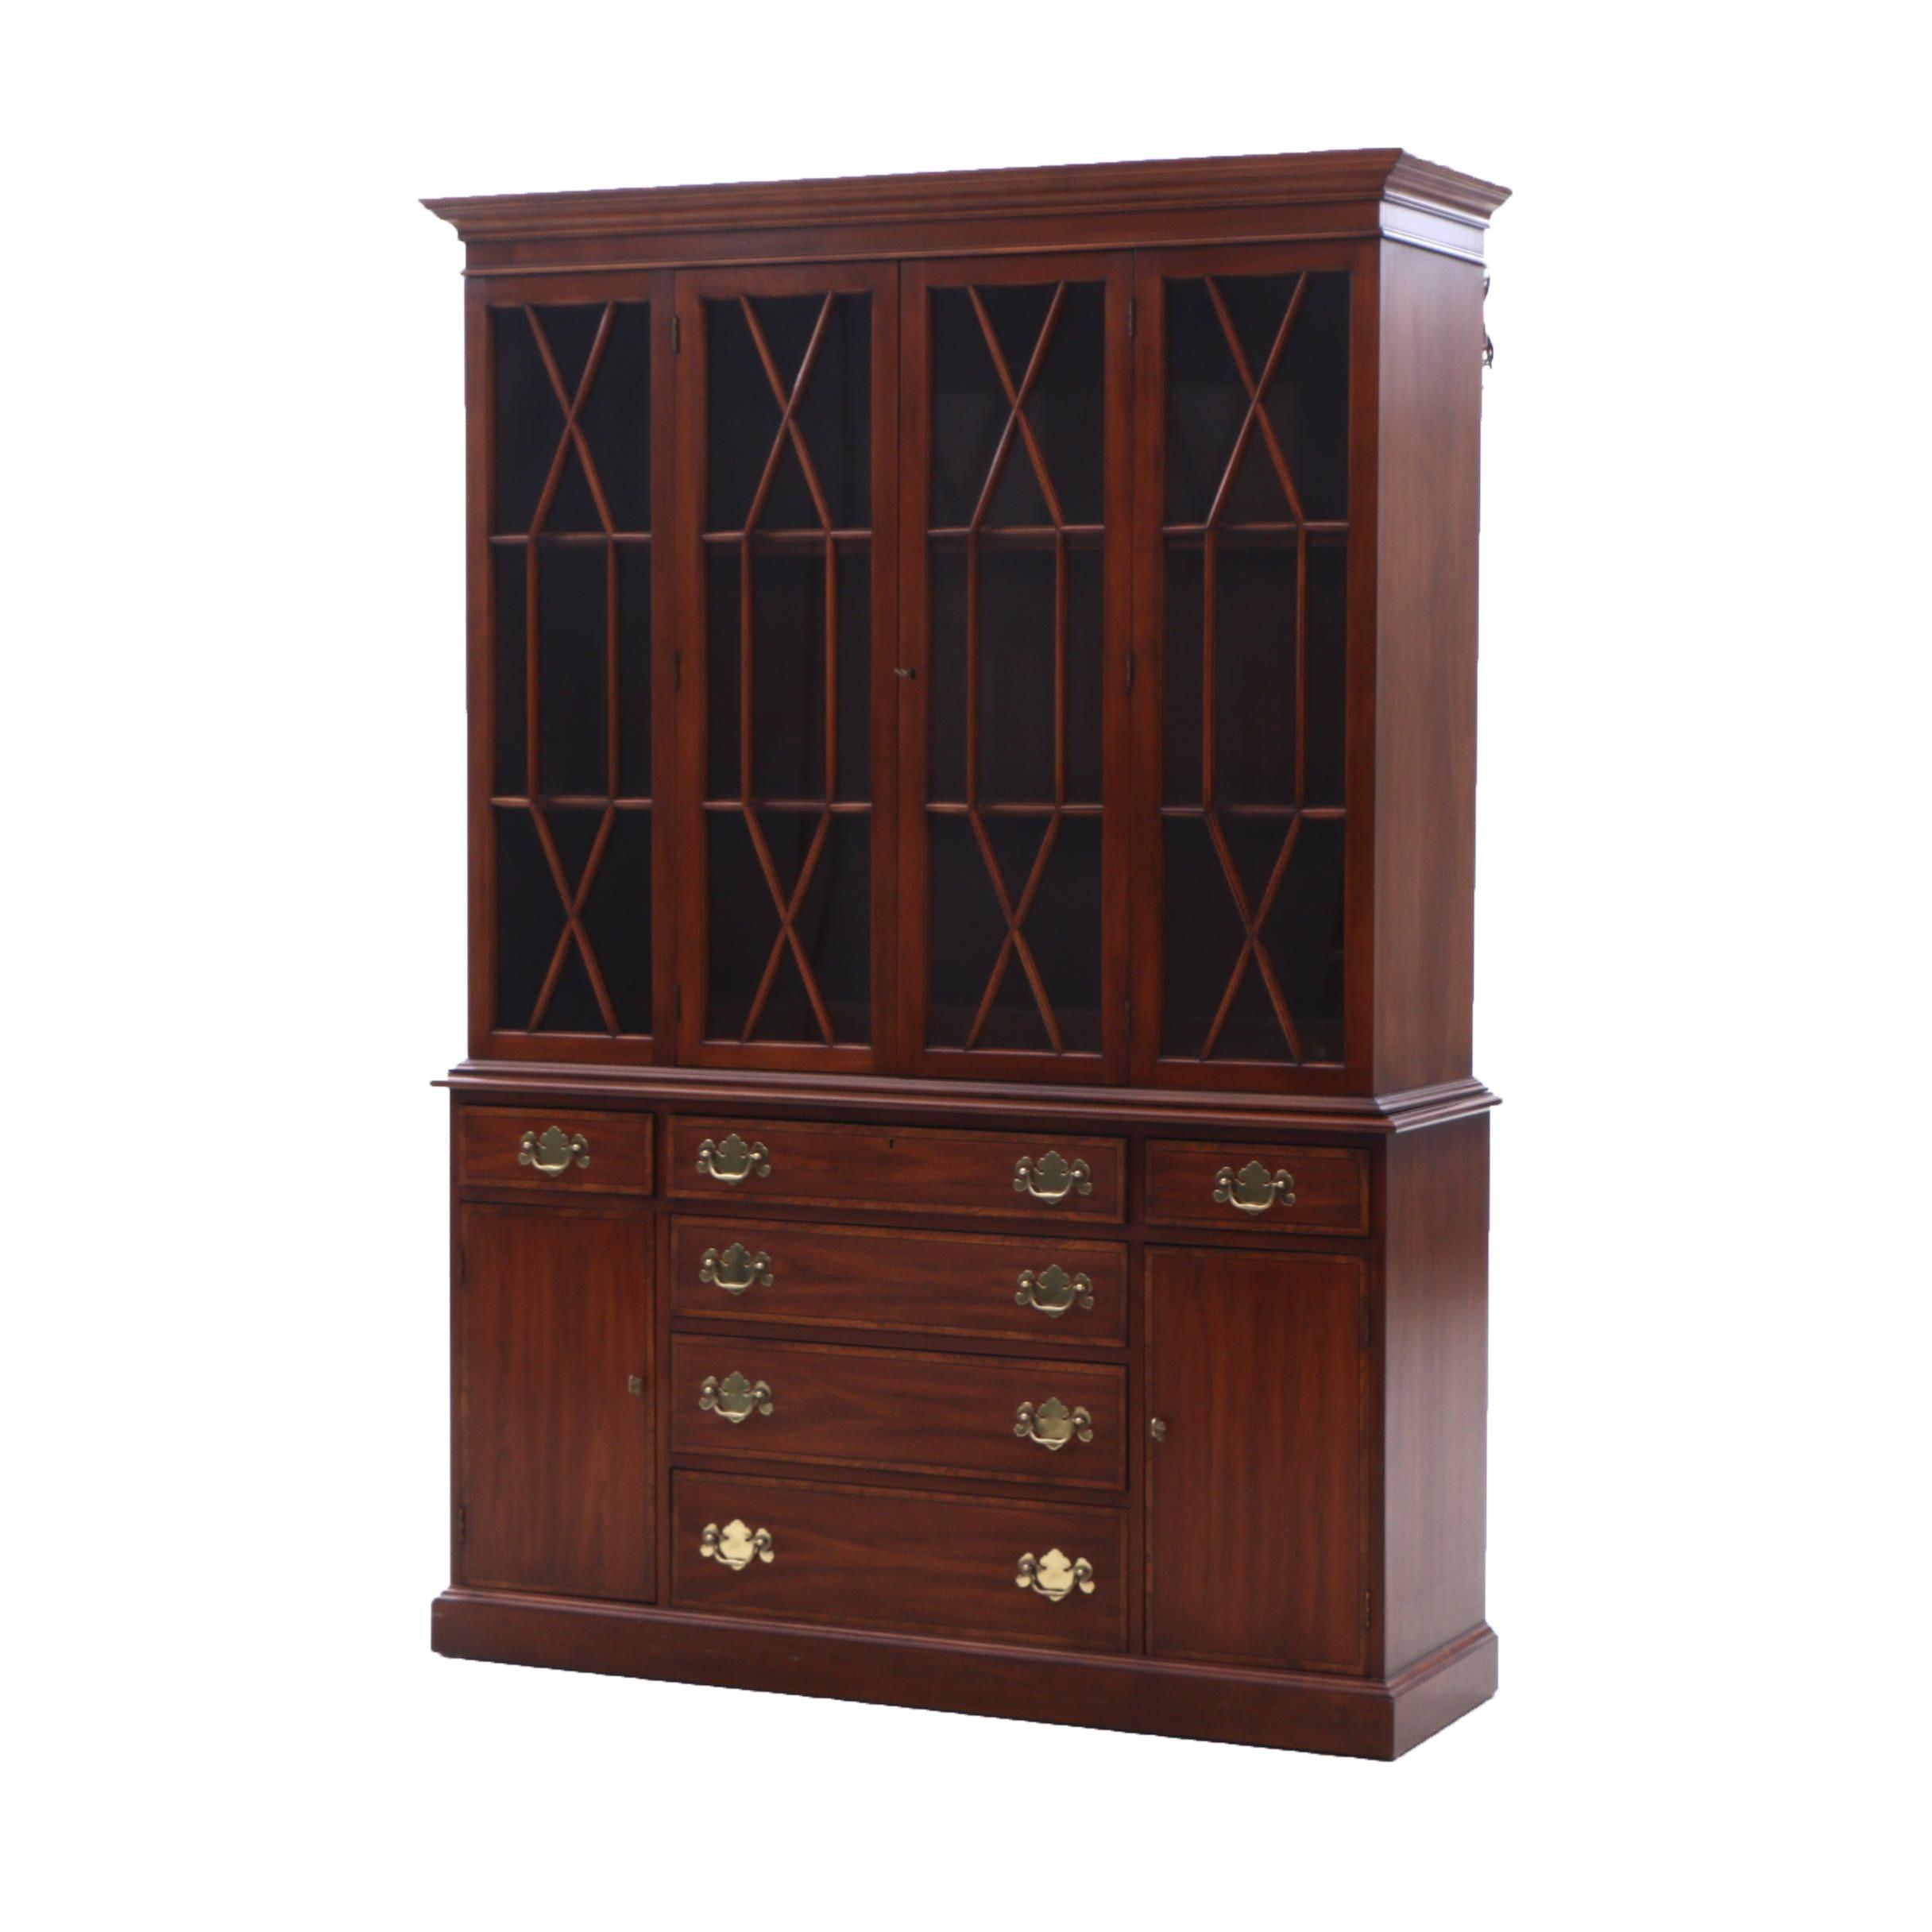 Hepplewhite Style Henkel-Harris Cherry 2-Piece China Cabinet